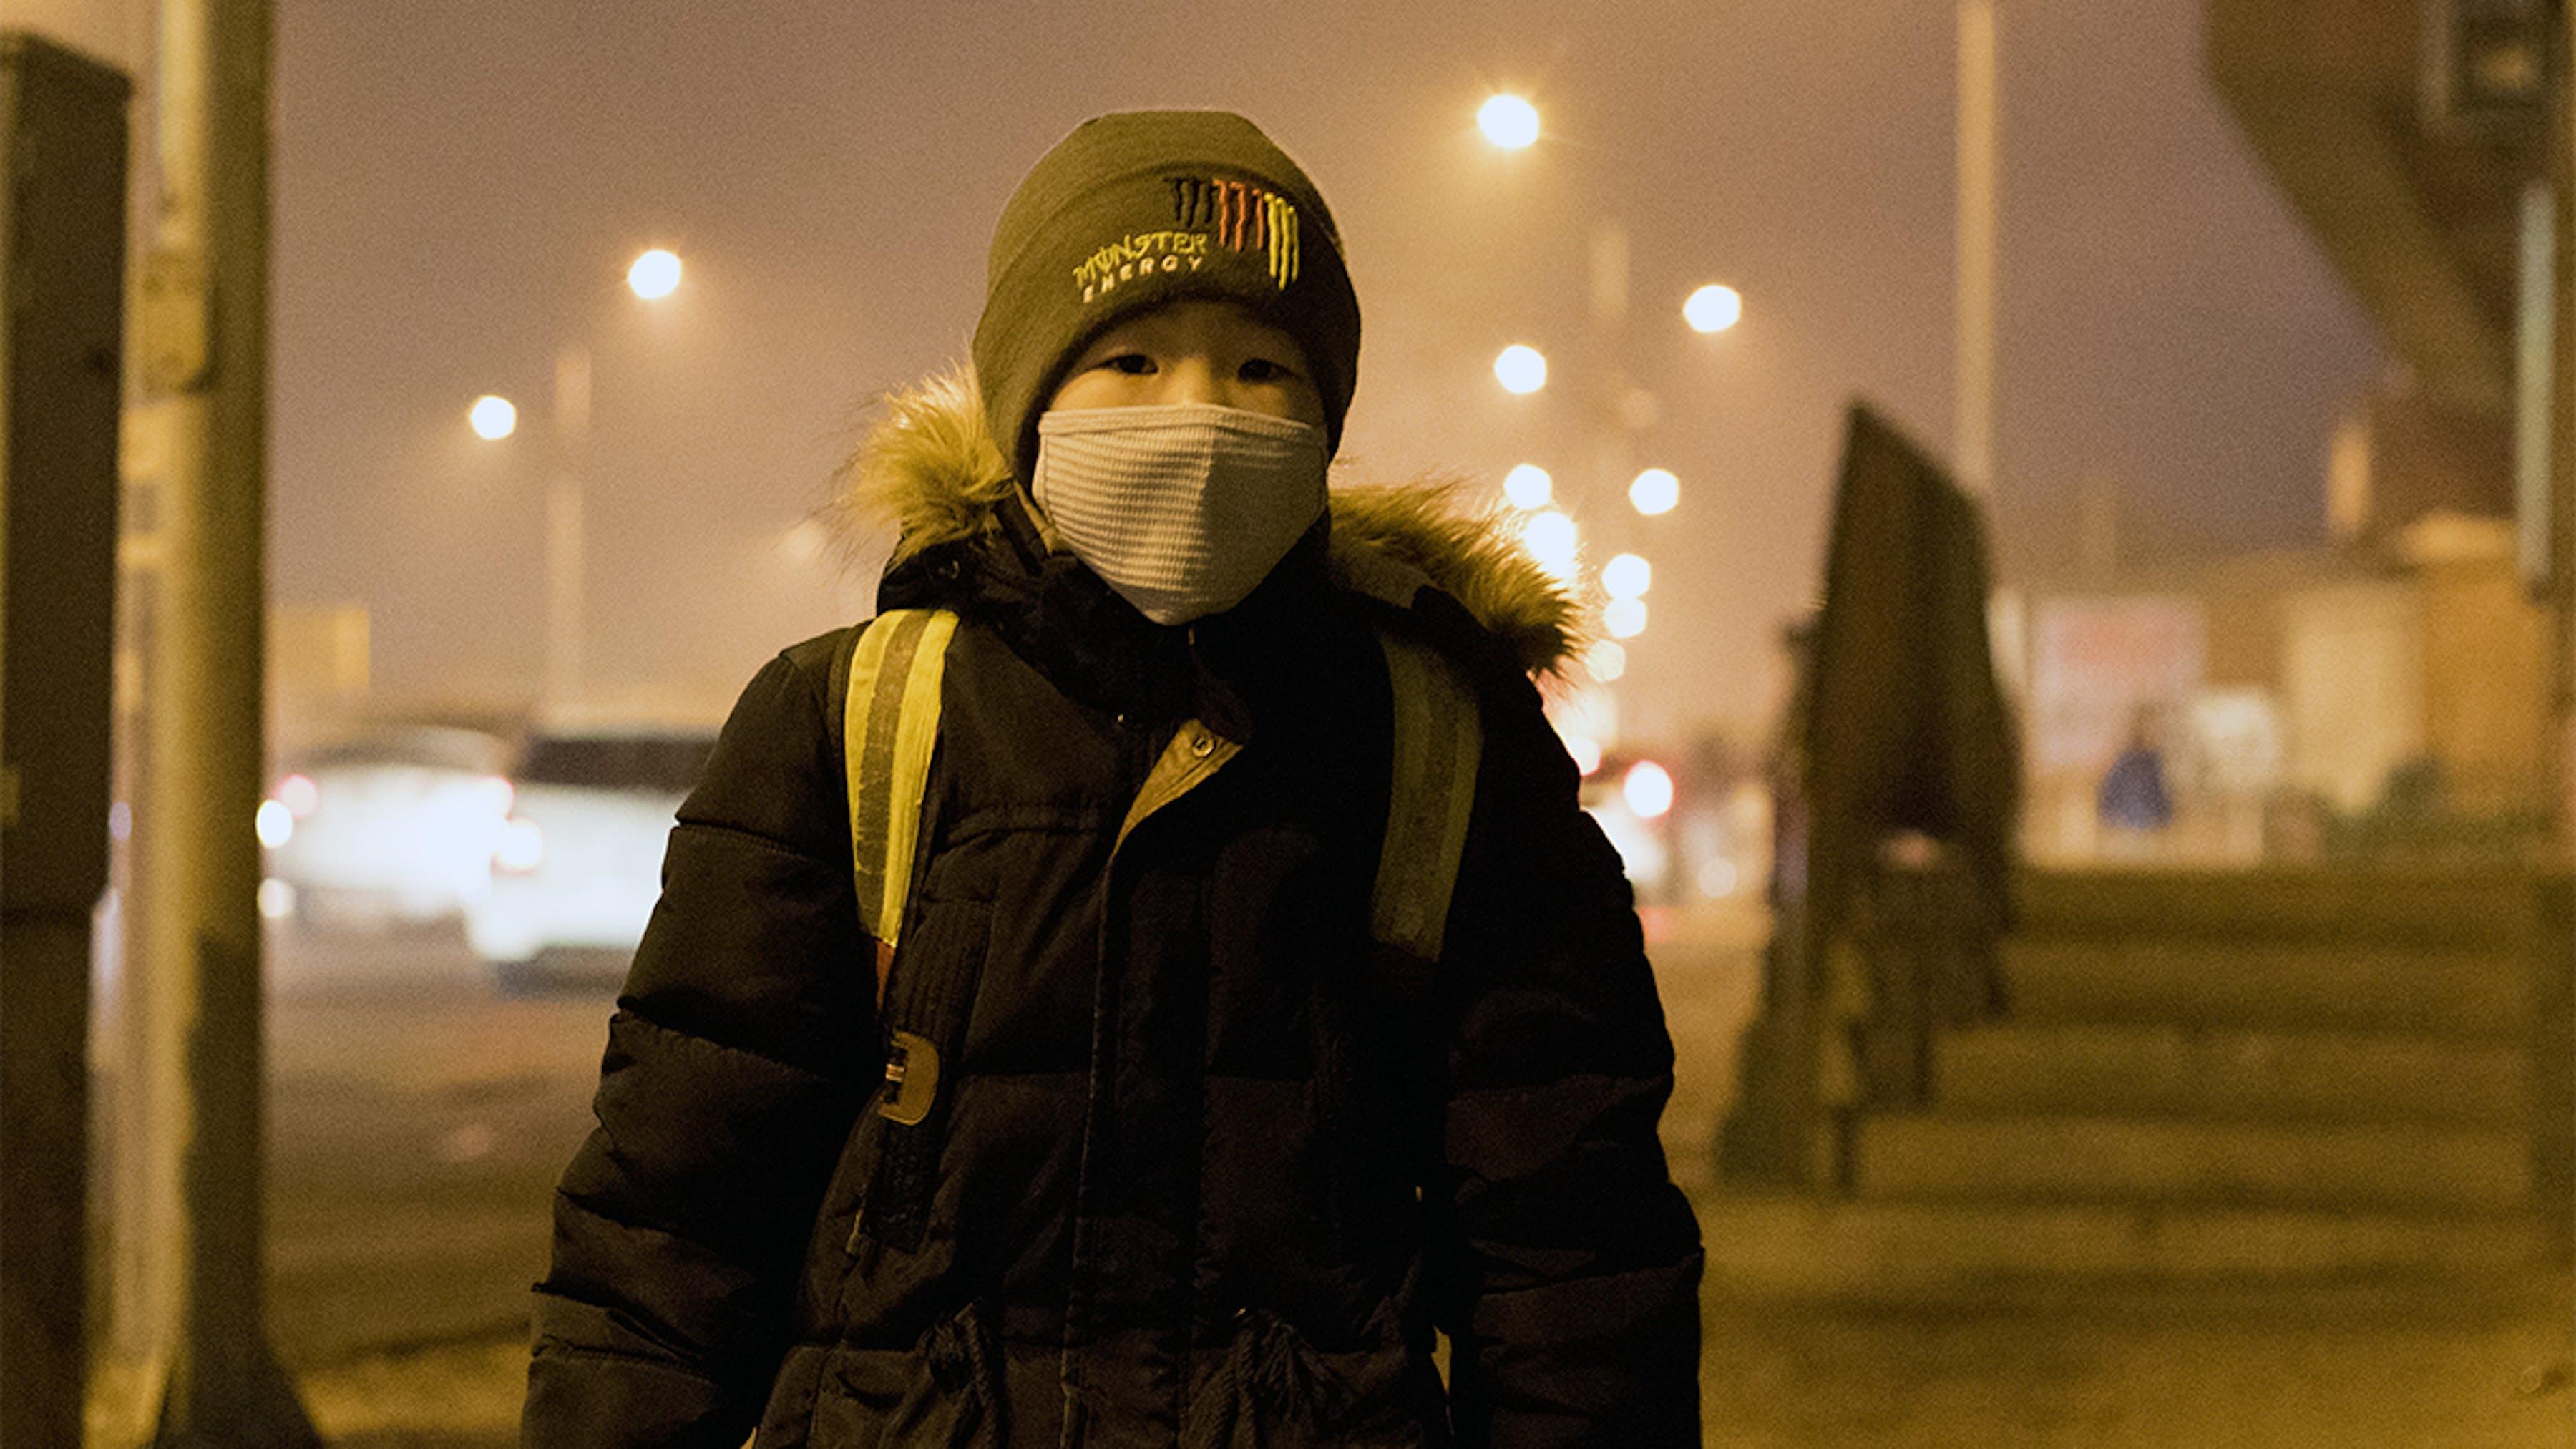 Mongolia, un ragazzo con una mascherina si protegge dall'inquinamento atmosferico molto elevato.